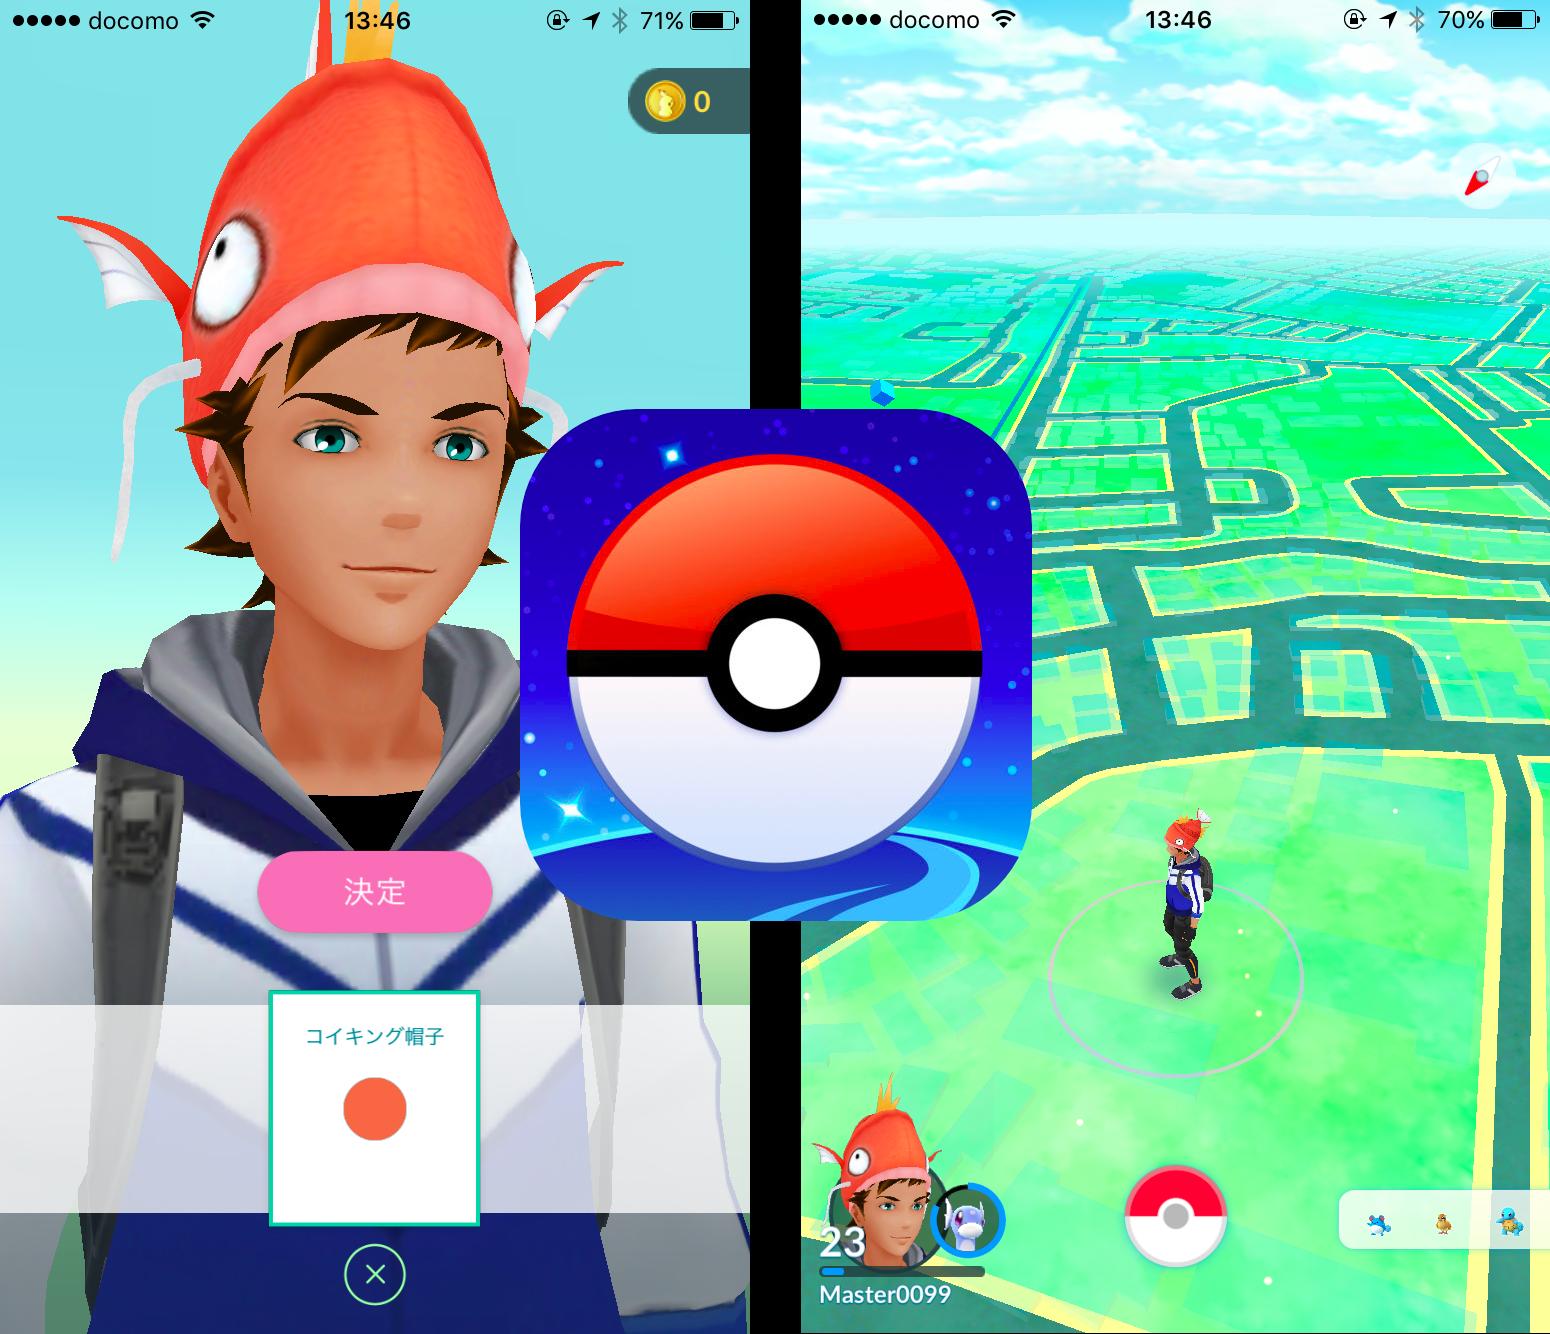 【ポケモンGO】無料着せ替えアイテムに「コイキング帽子」追加!「金色コイキング」も出現中。